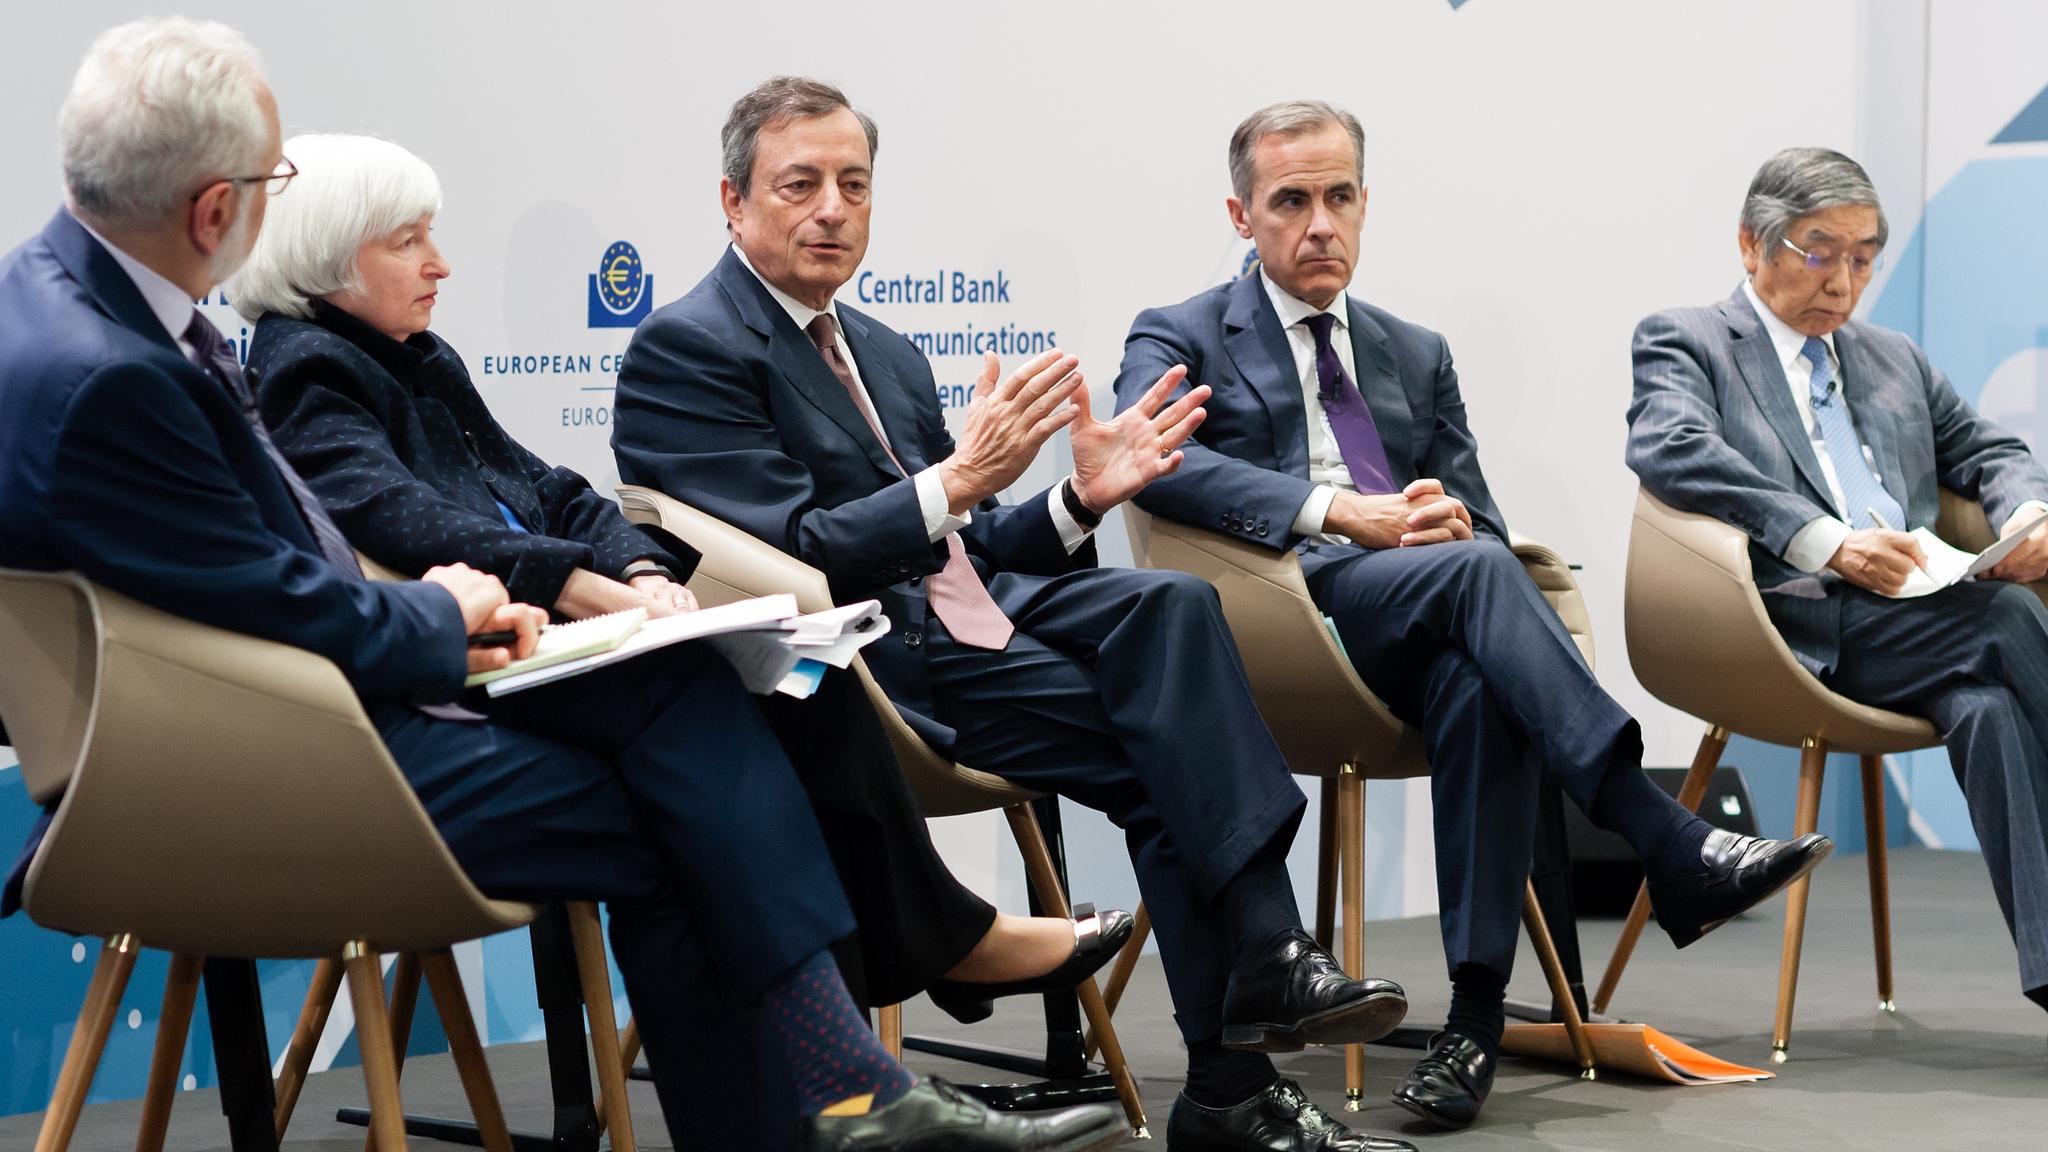 Banqueros centrales buscan olvido de 'dinero fácil'